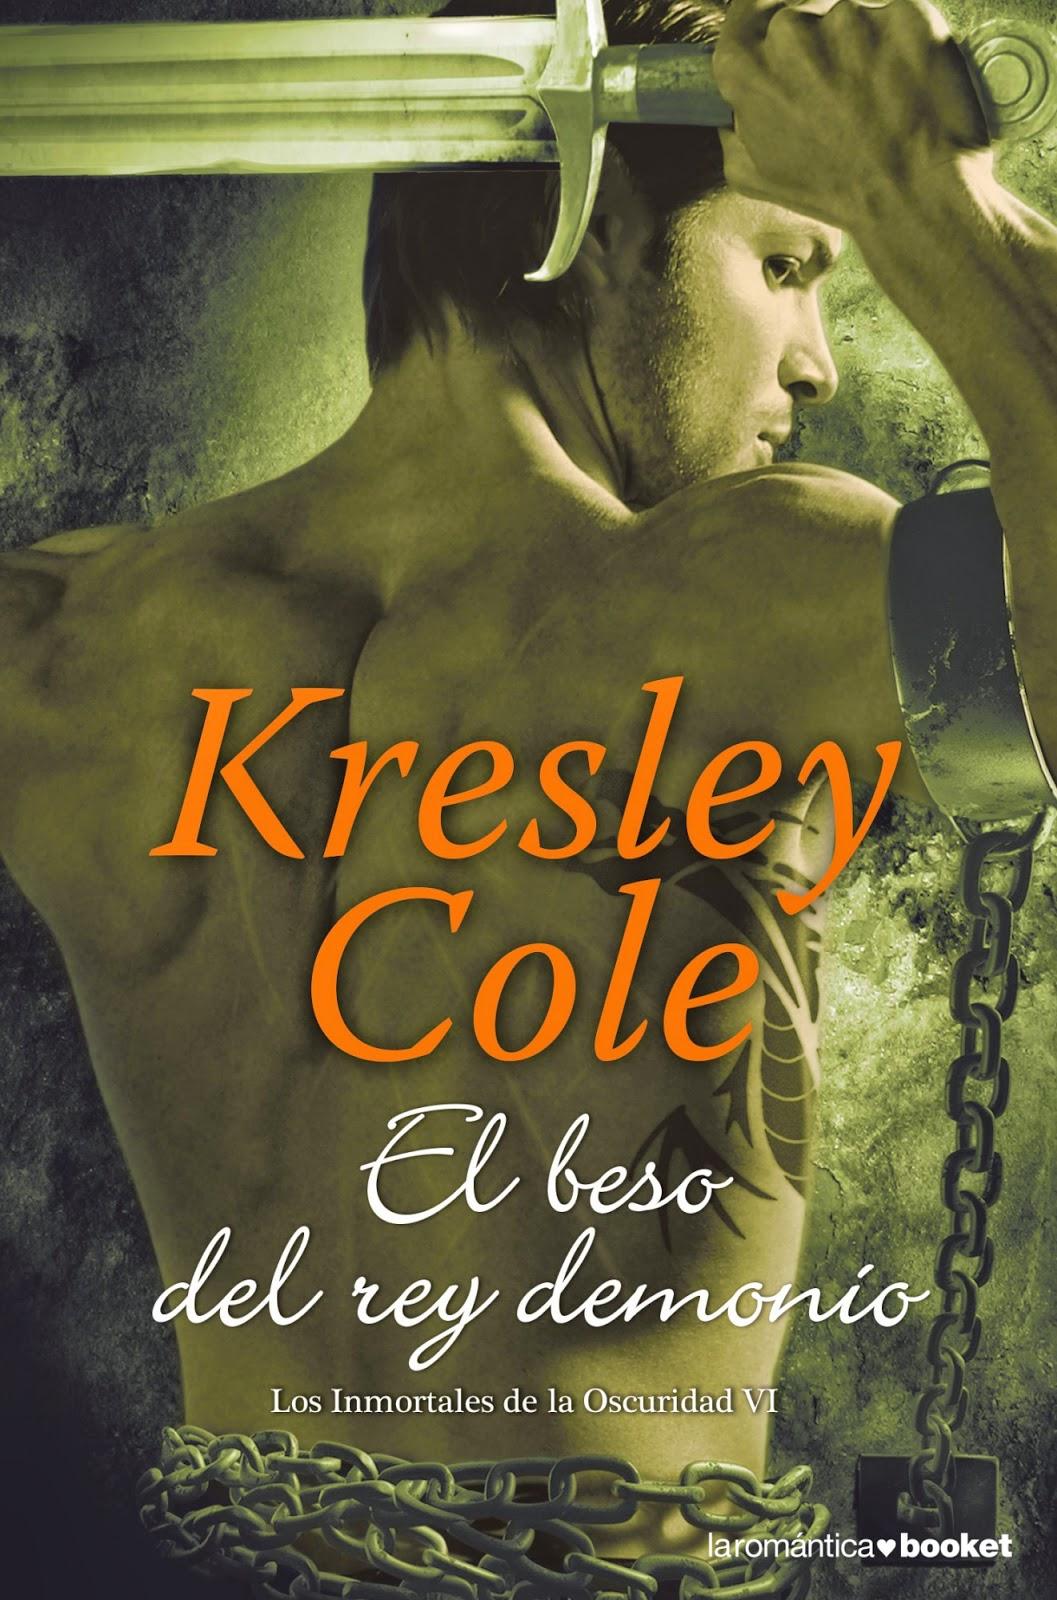 Los Inmortales De La Oscuridad VI: El Beso Del Rey Demonio, de Kresley Cole